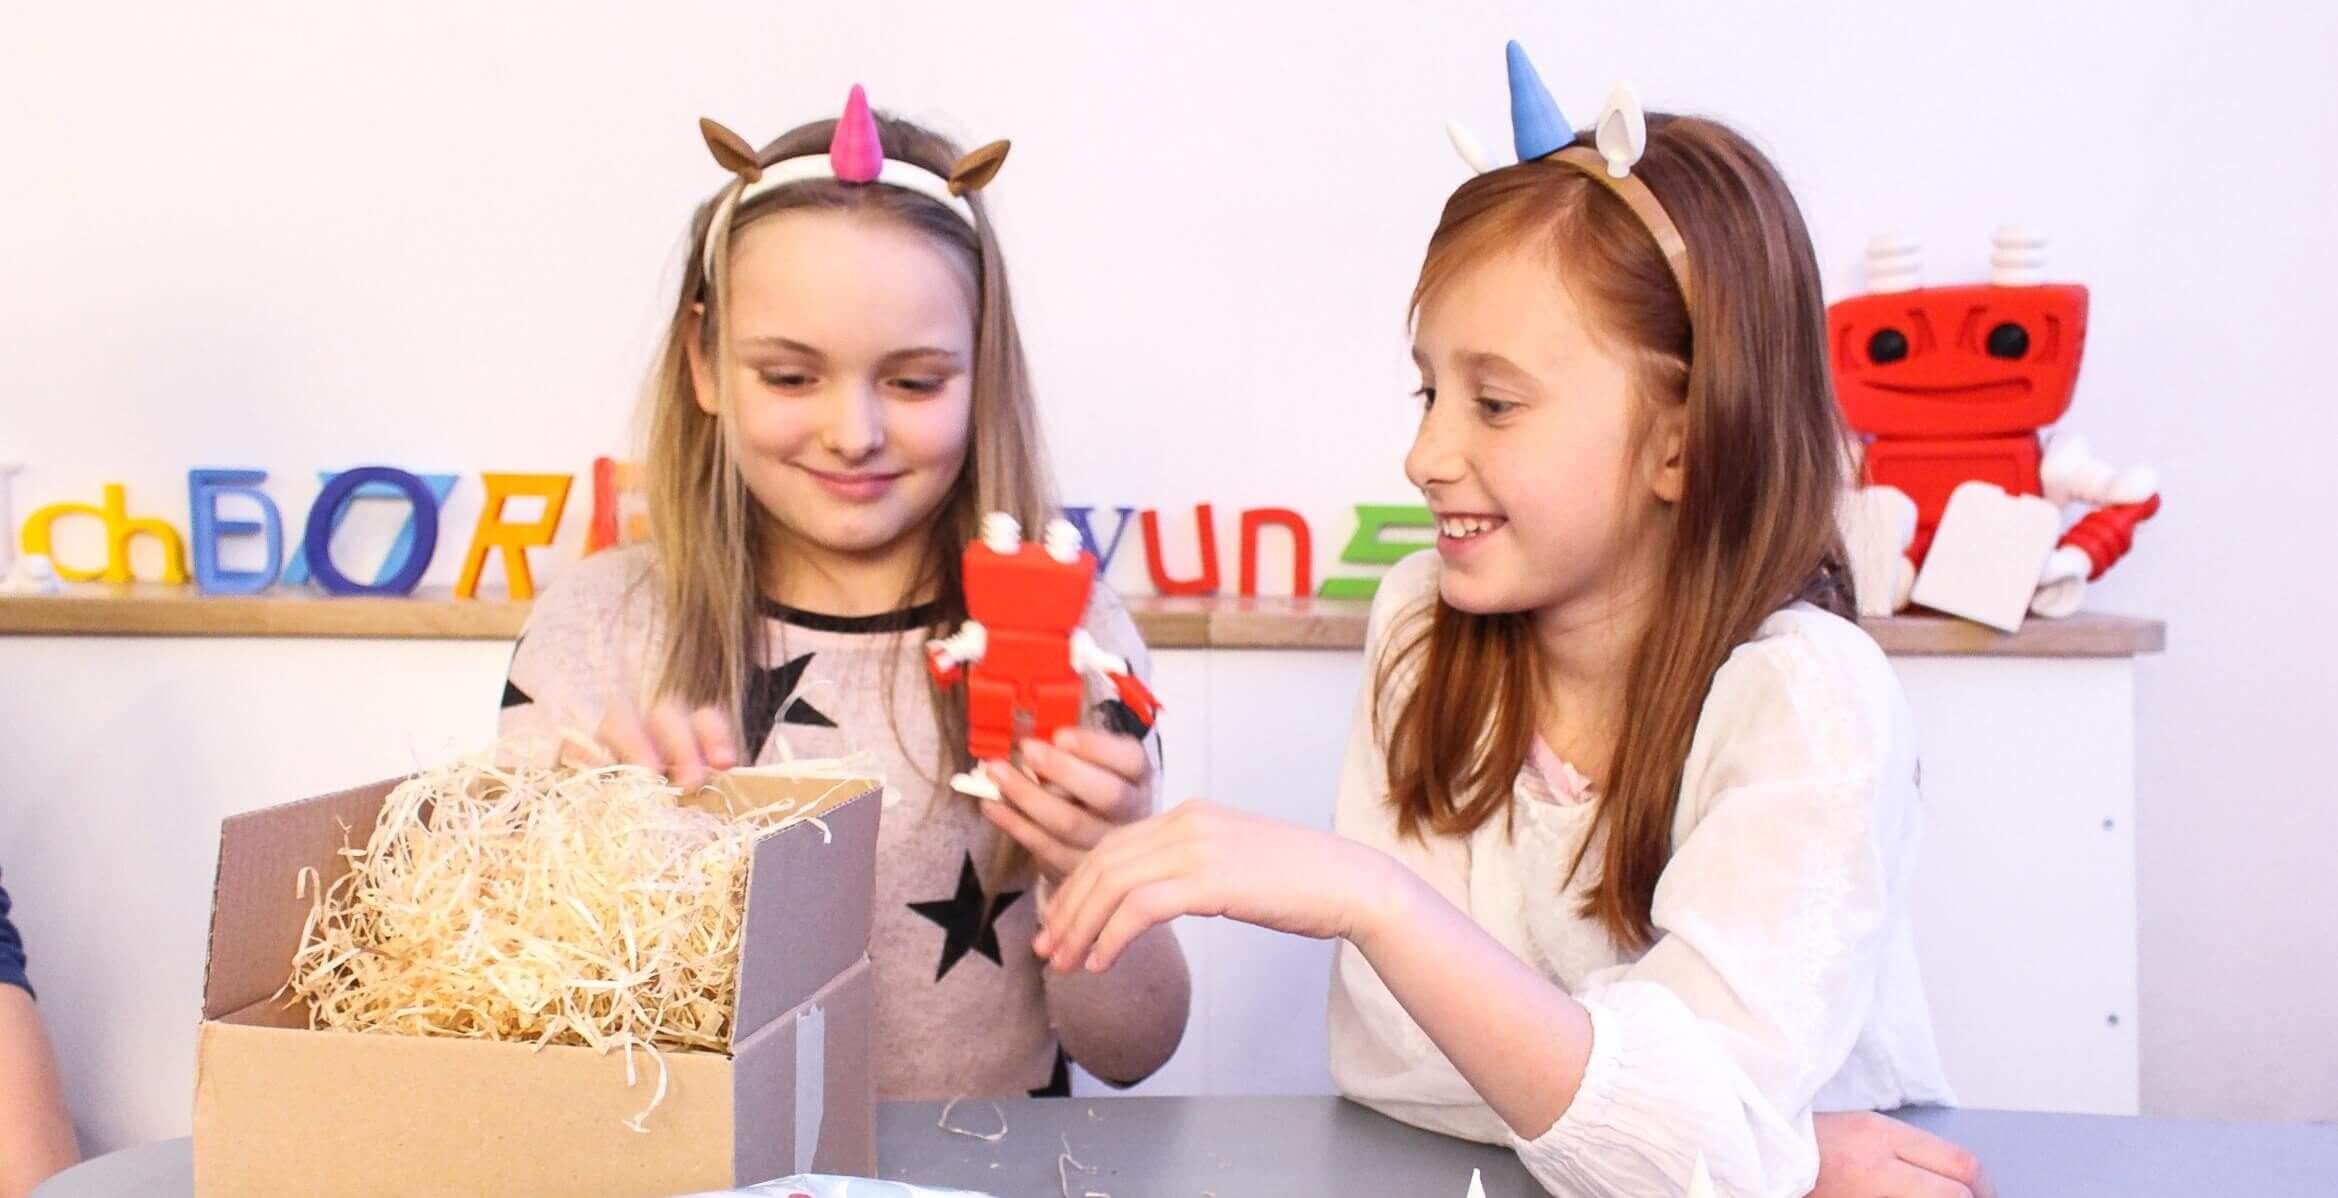 Kindergeburtstag Magdeburg - 3D-gedrucktes Spielzeug auspacken